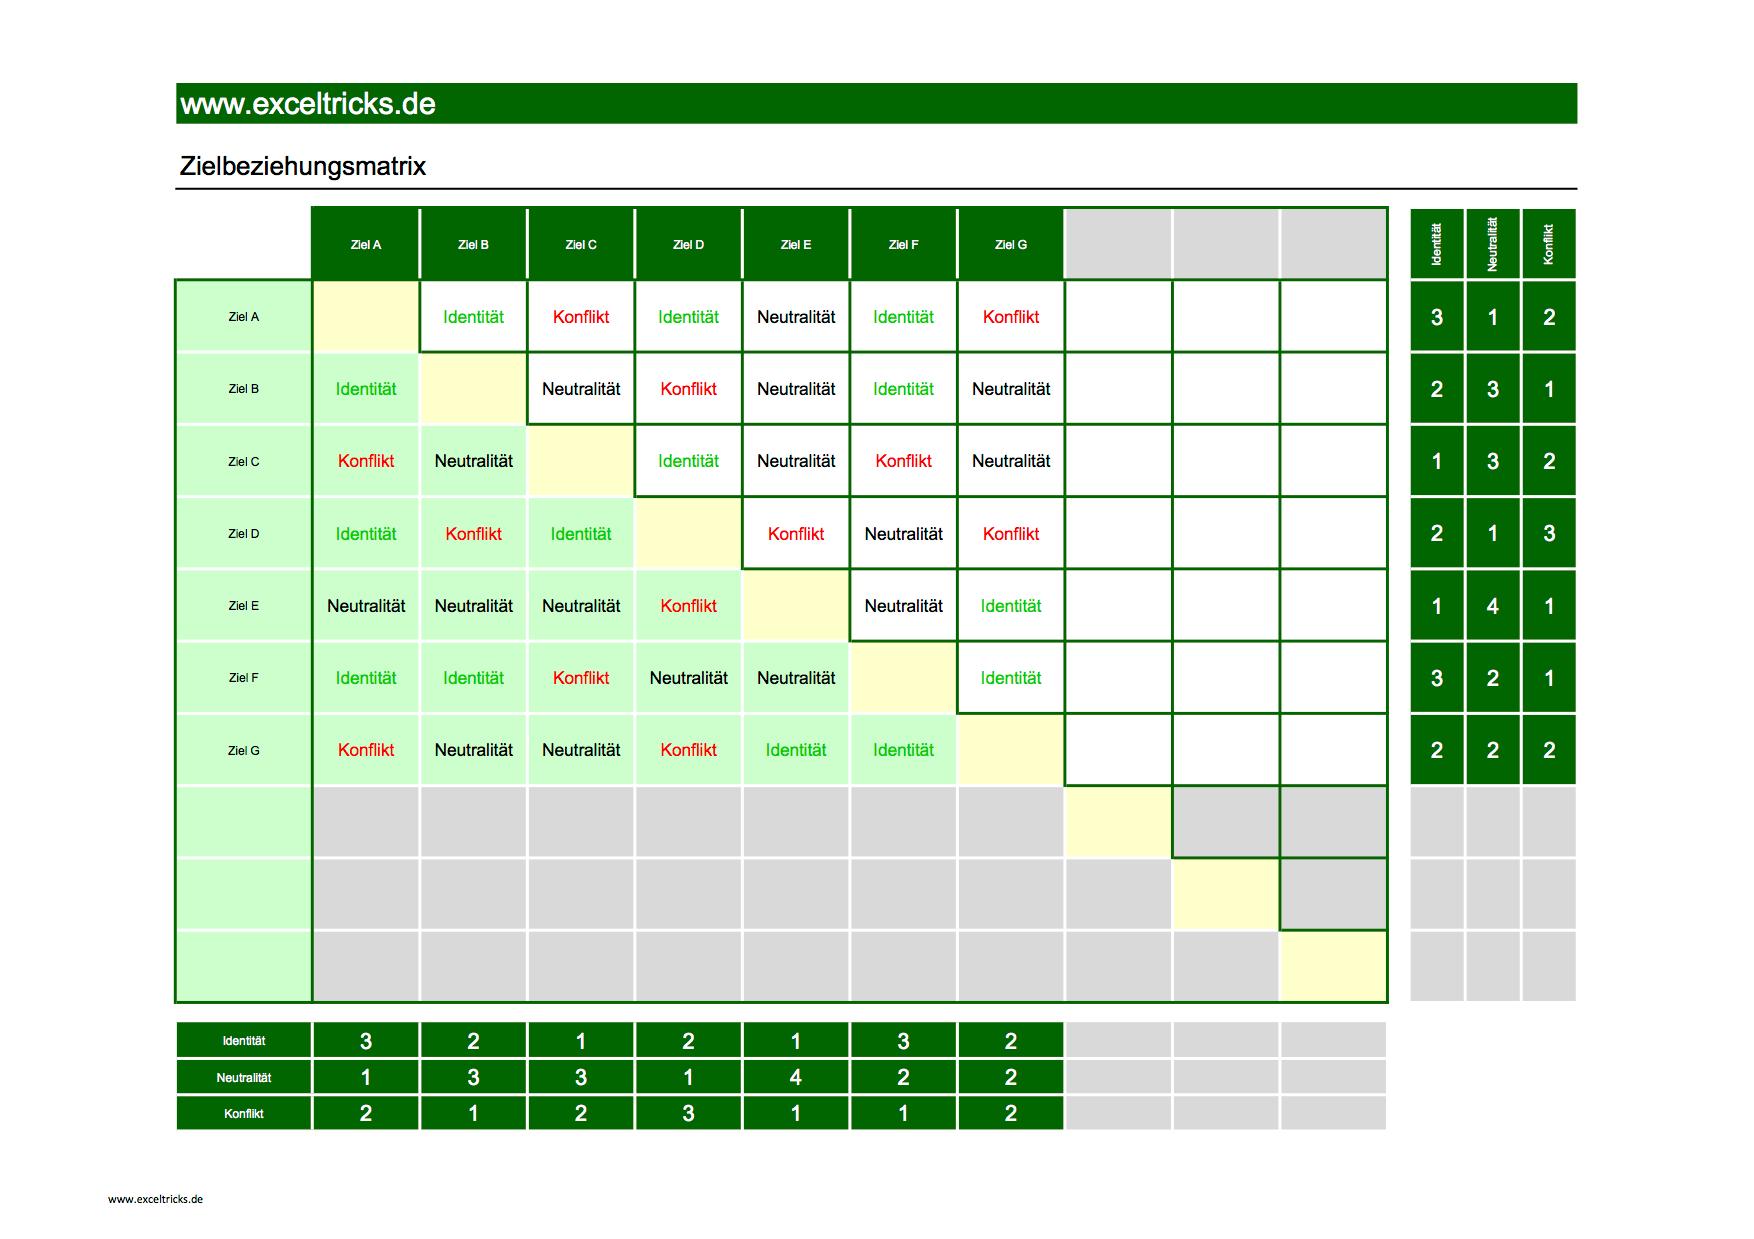 Zielbeziehungsmatrix Wie Stehen Die Ziele Zueinander In Beziehung Exceltricks Ziele Beziehung Beziehung Matrix